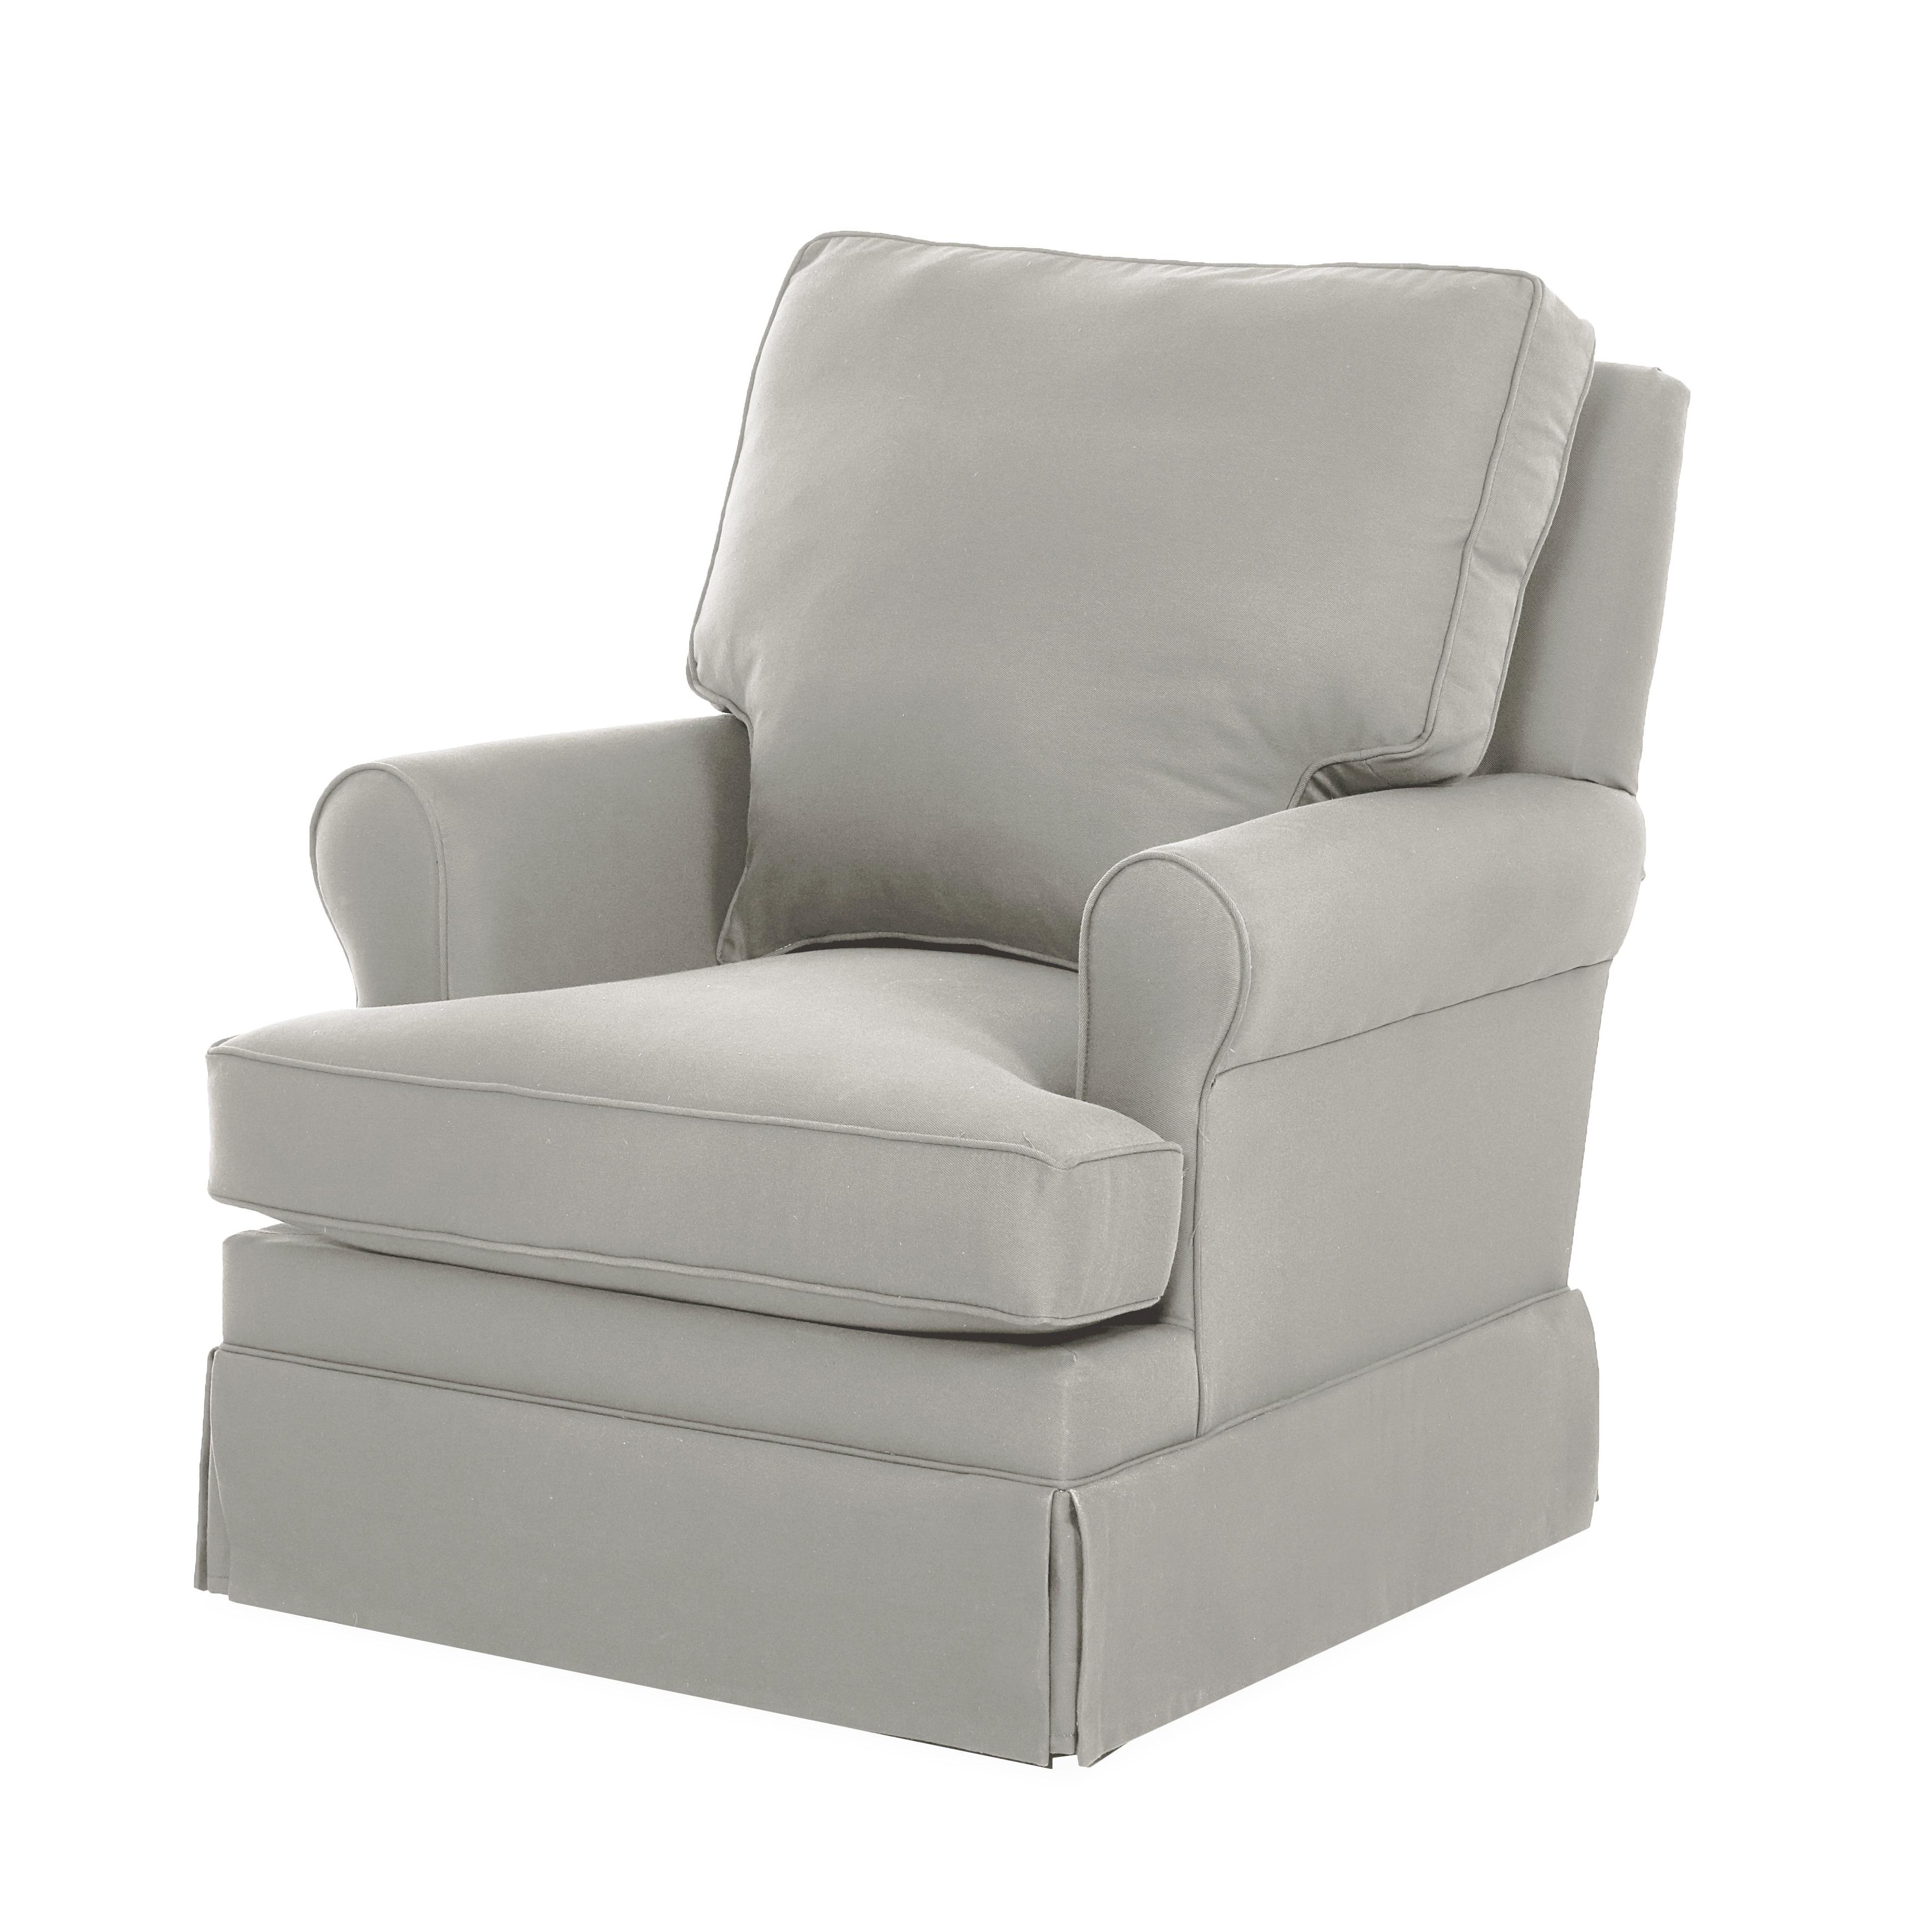 Wayfair Custom Upholstery™ Gwinnett Swivel Glider (View 17 of 20)